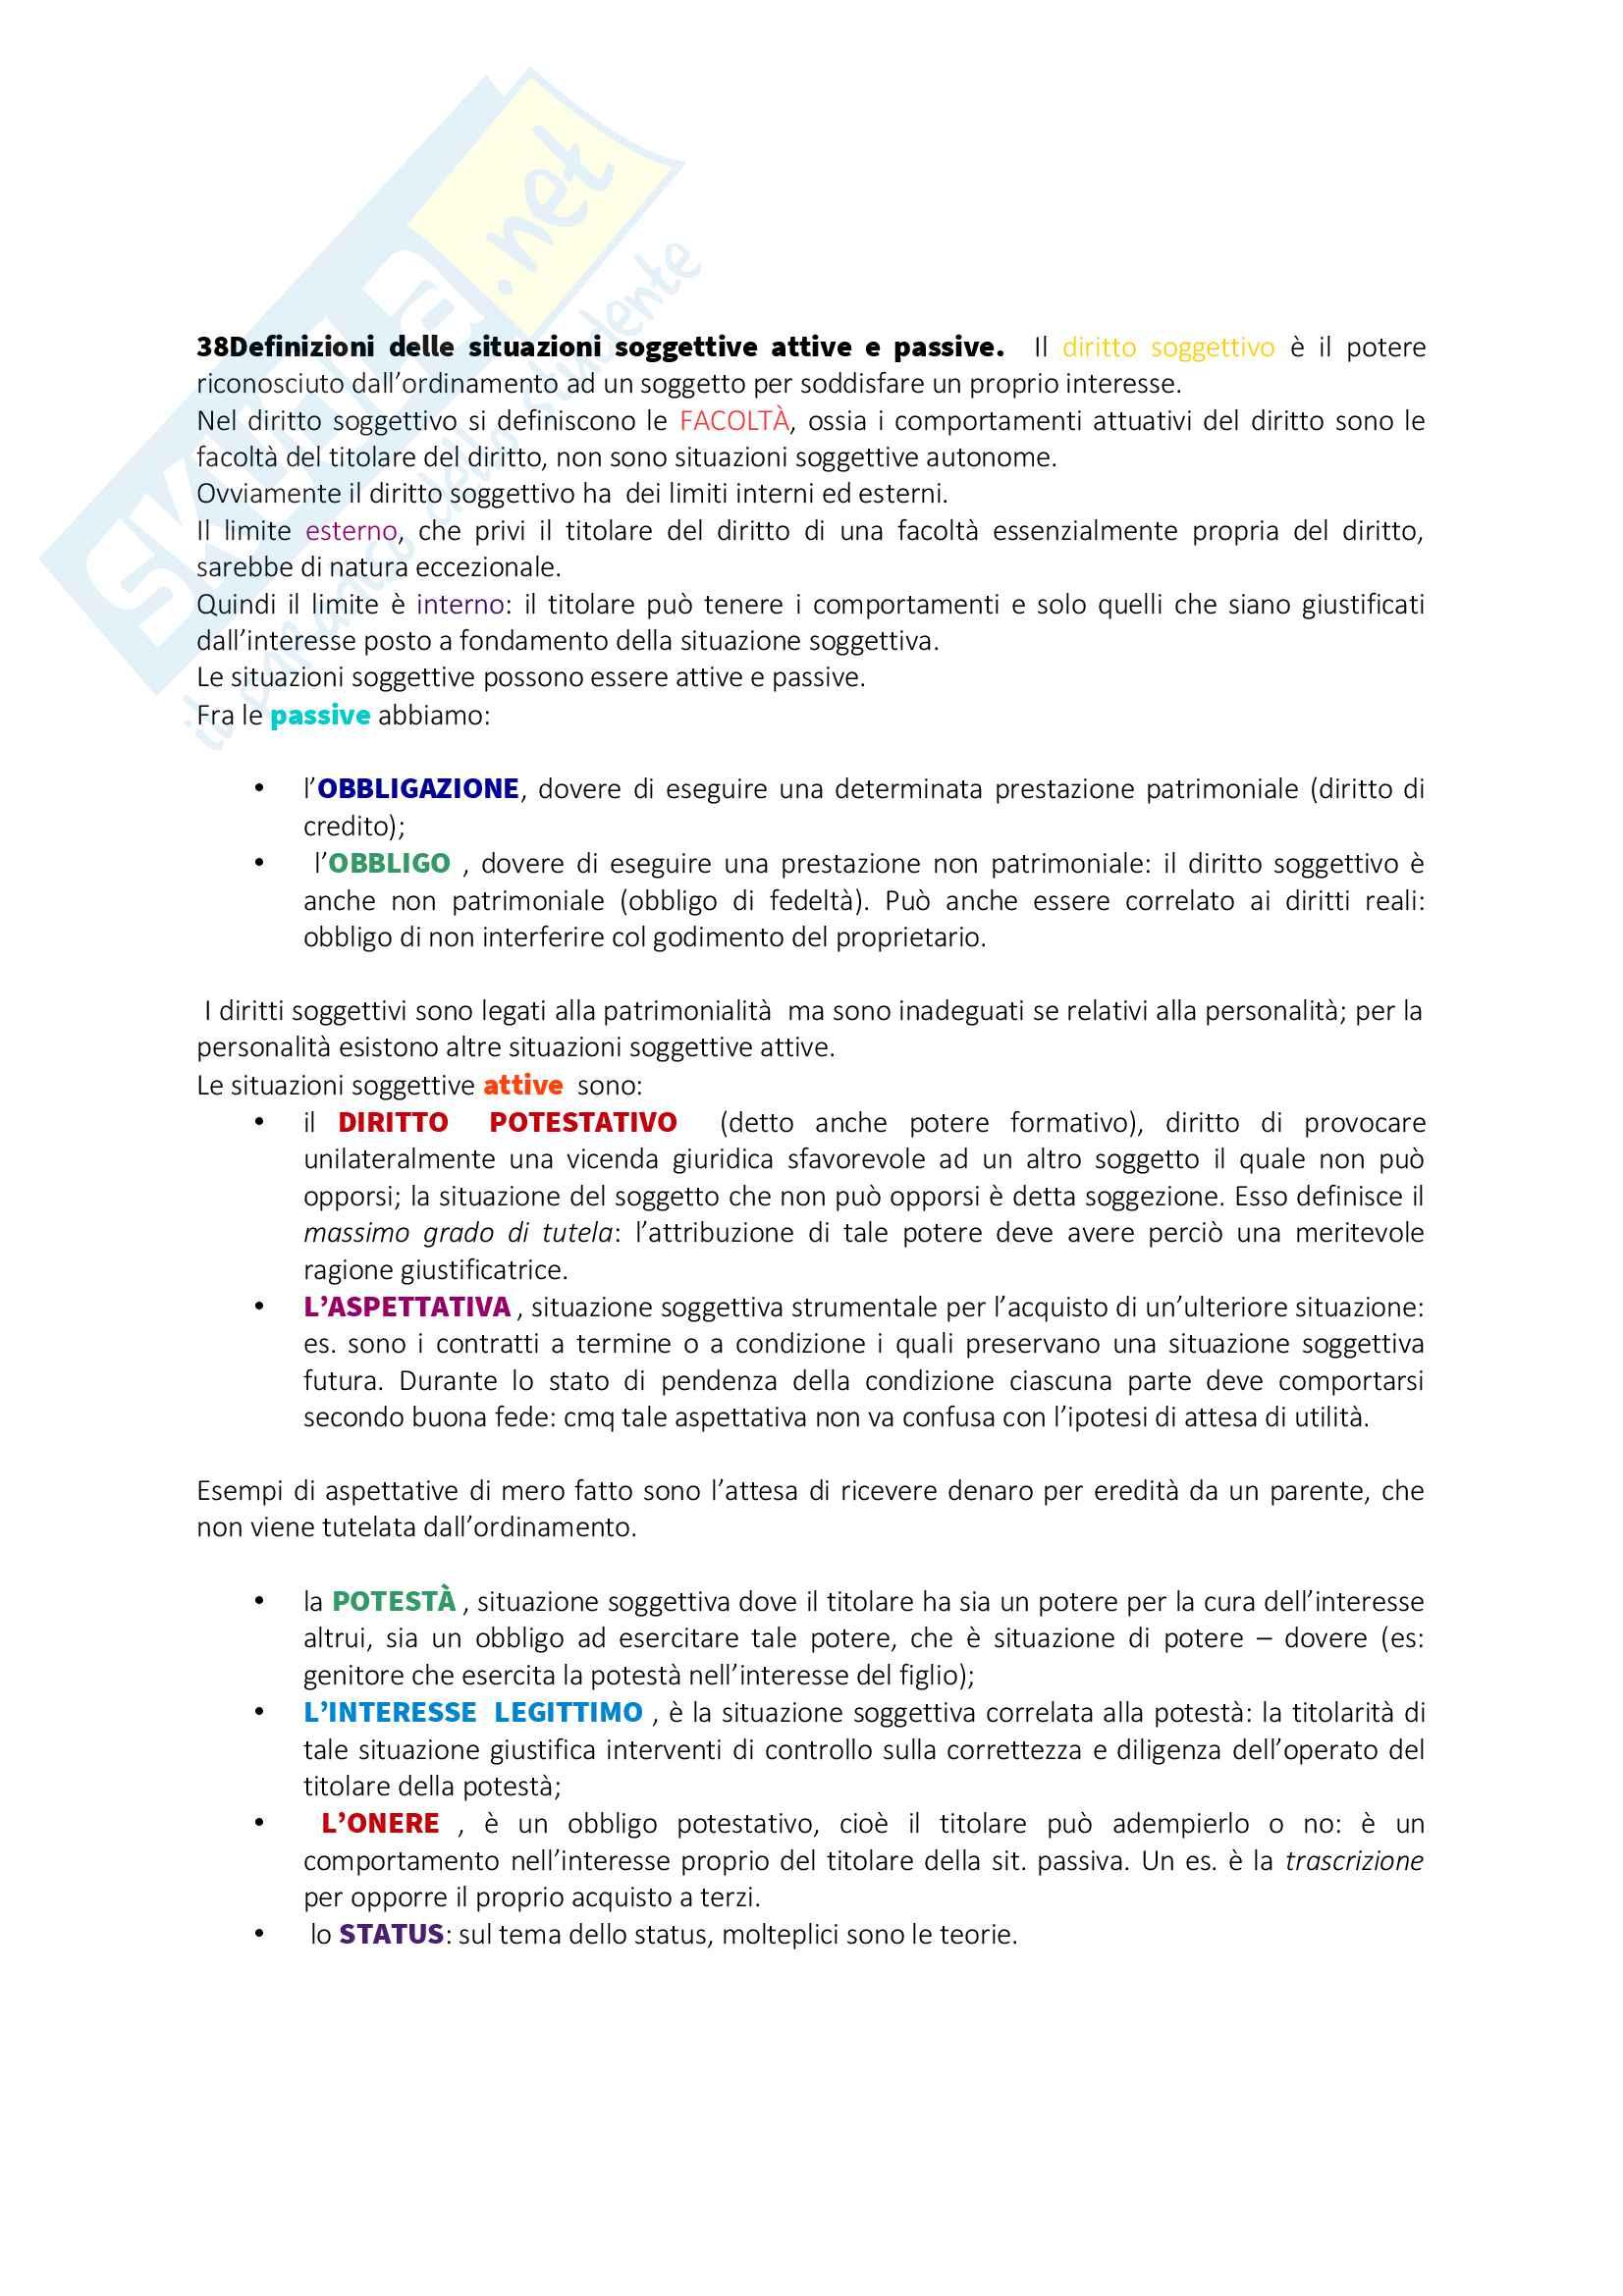 Appunti Diritto privato I Pag. 26